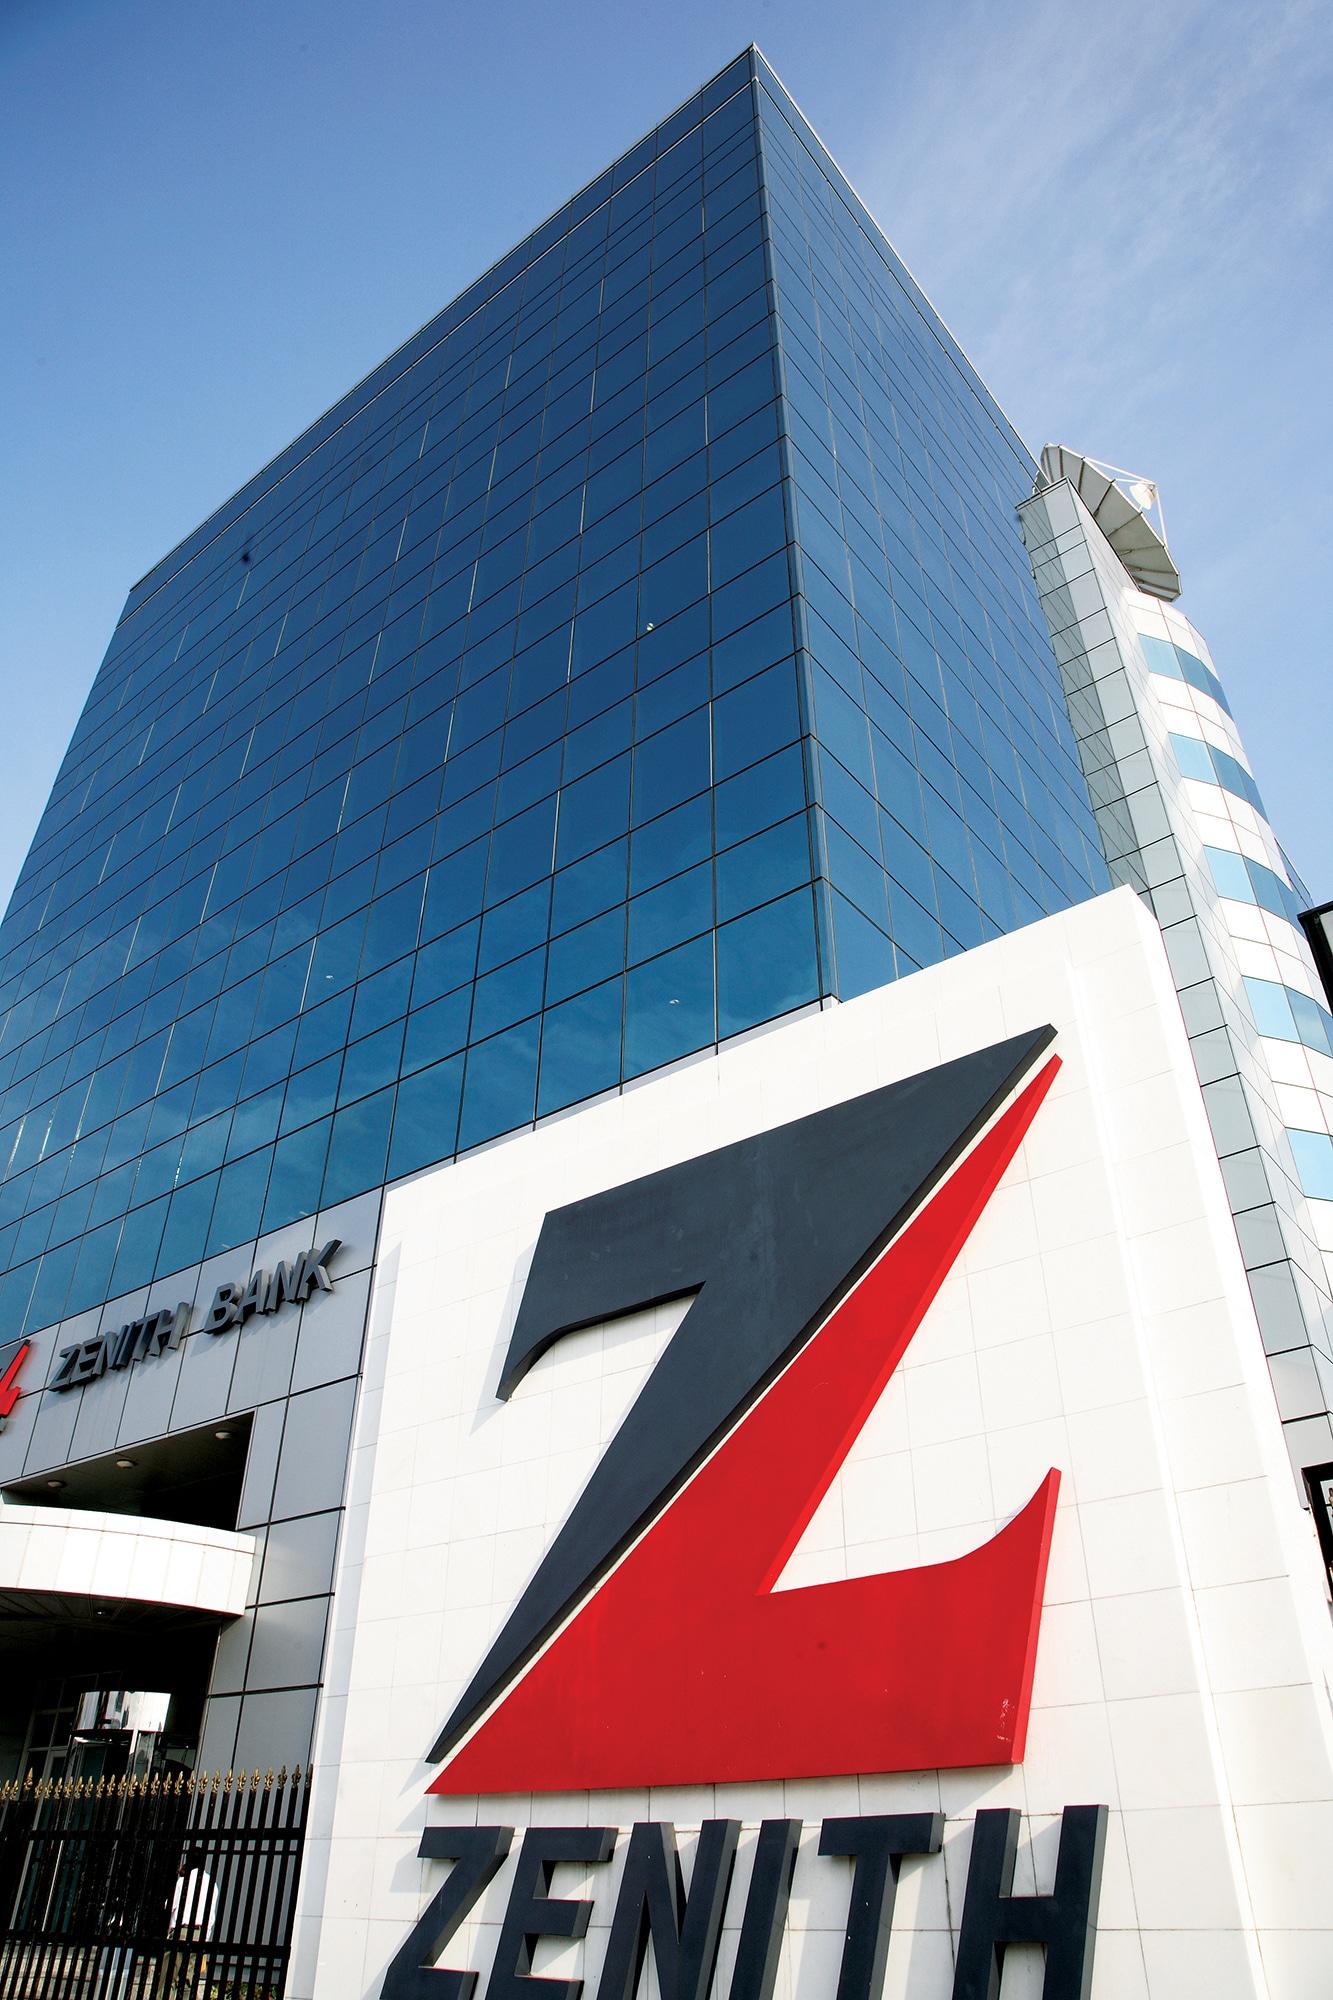 Zenith Bank: Adapting to change Ethical Boardroom